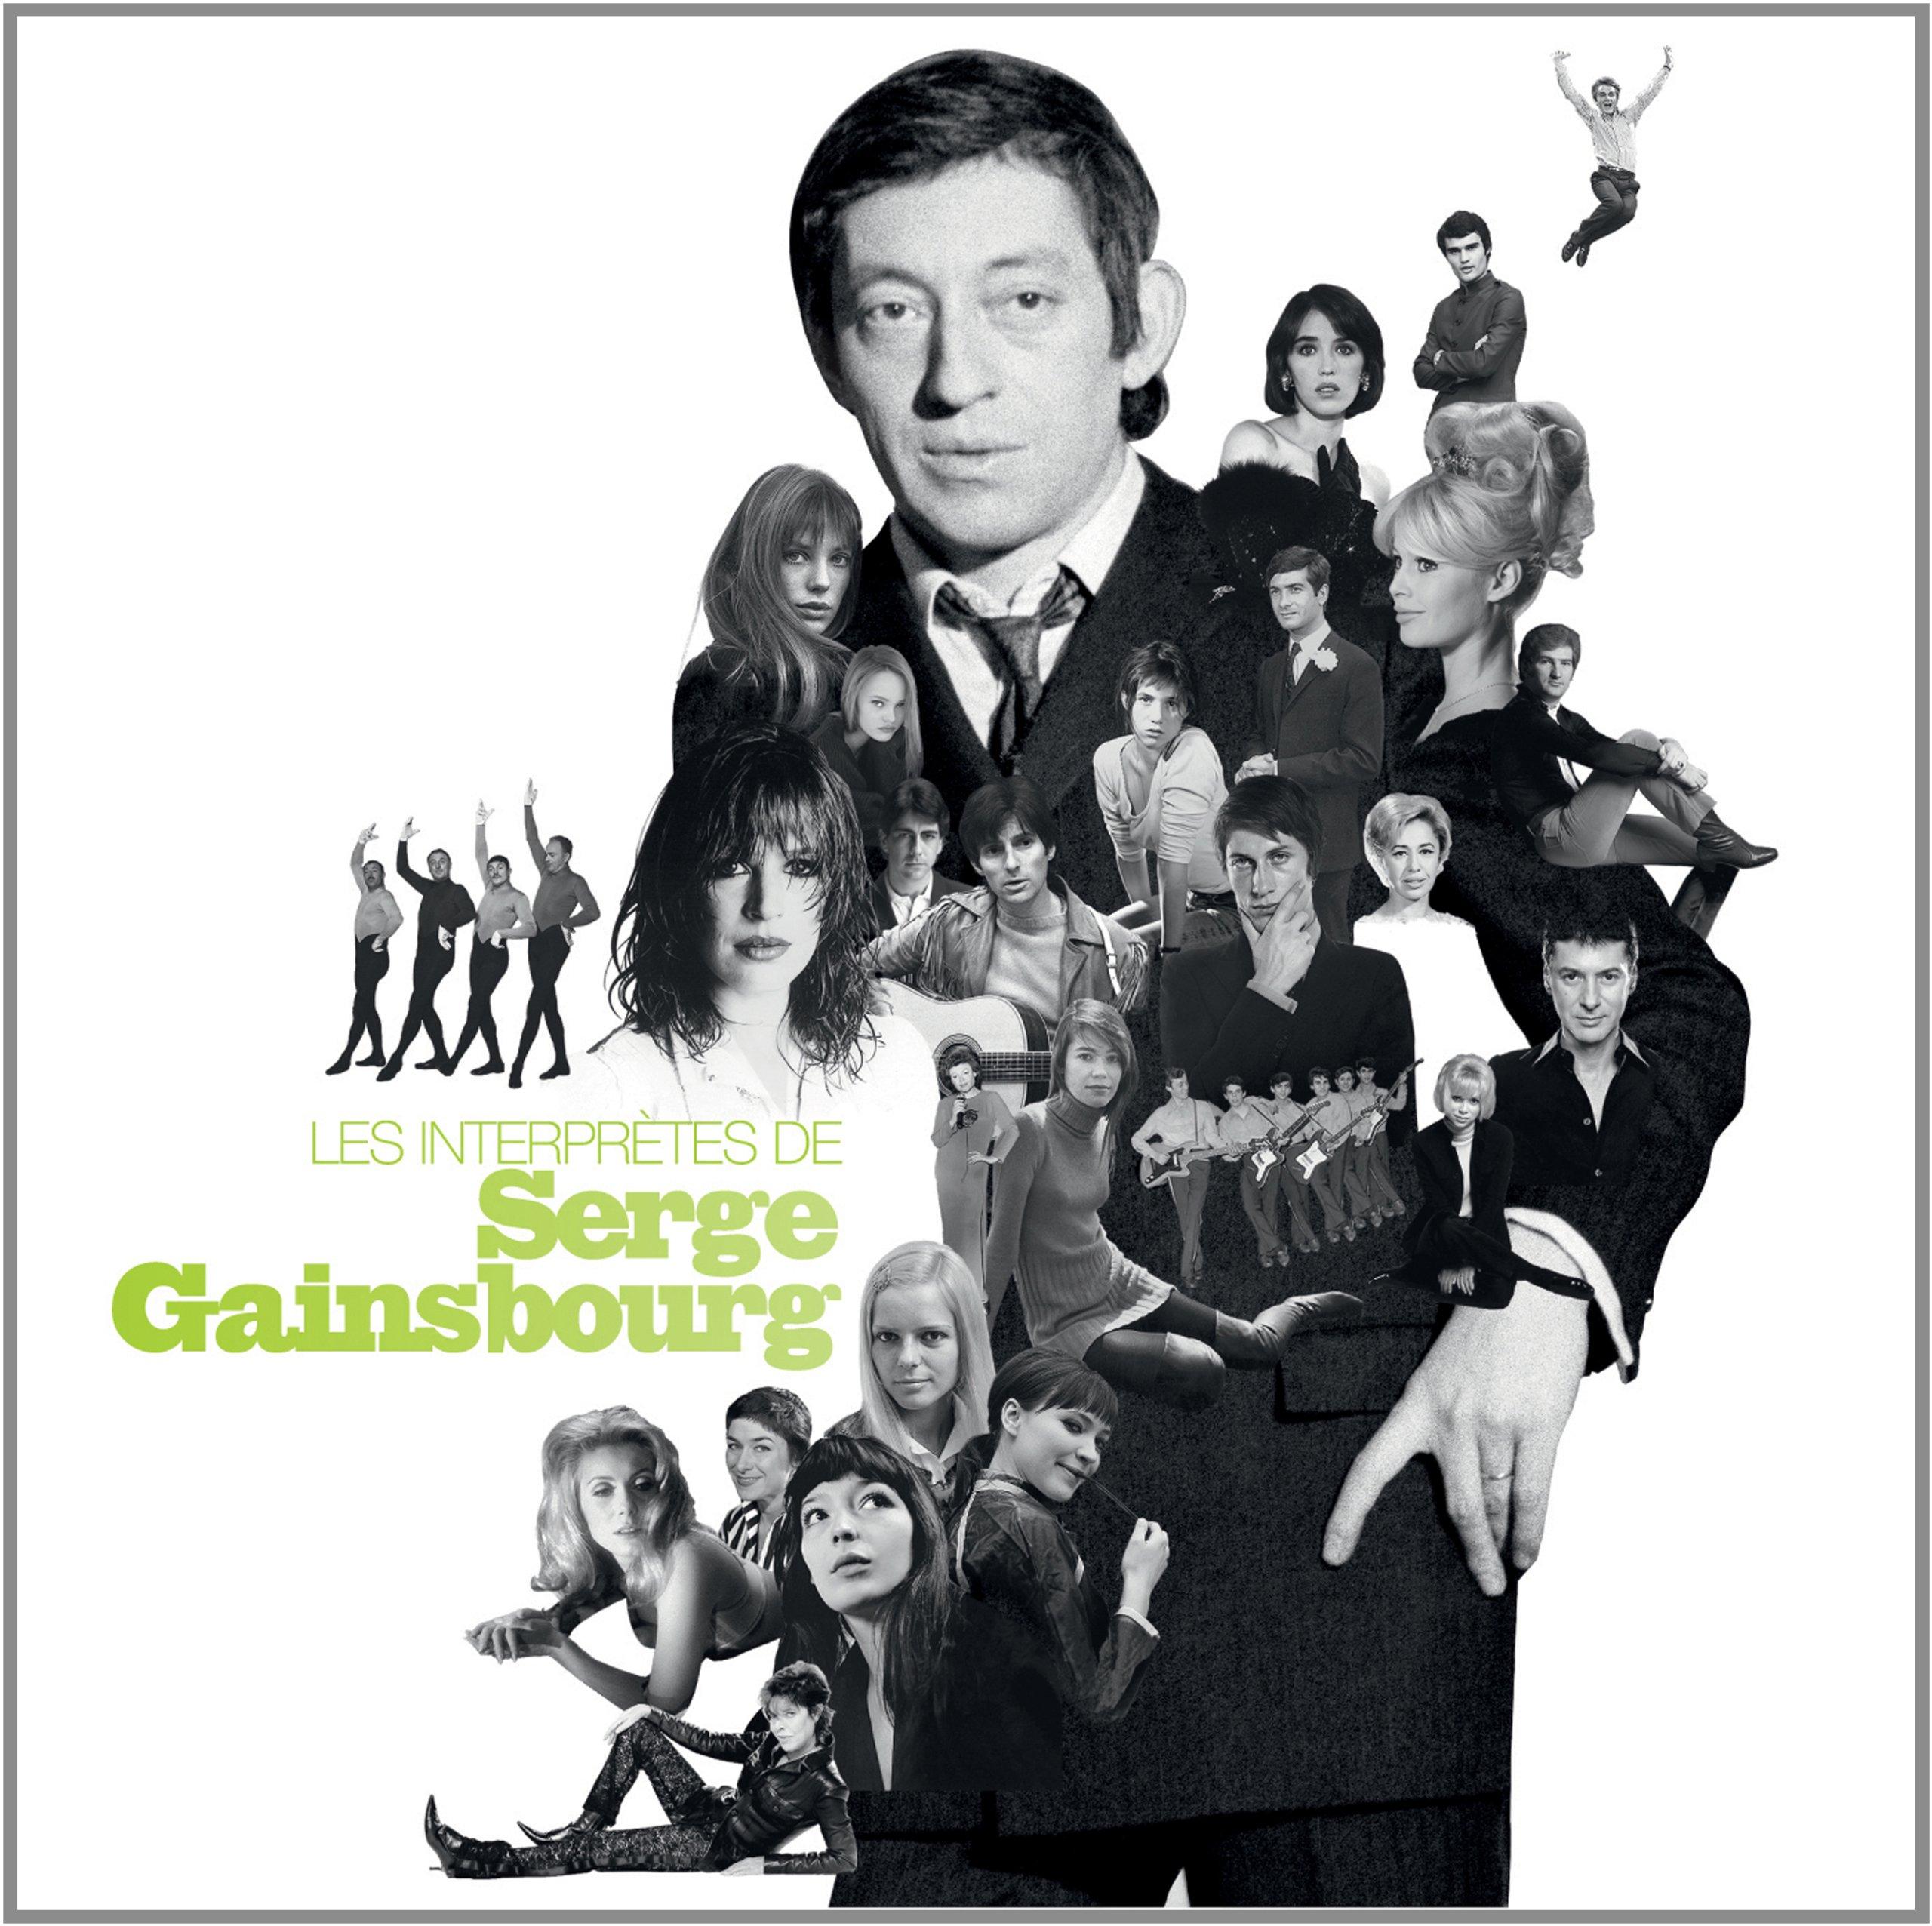 LES INTERPRETES DE SERGE GAINSBOURG by PID